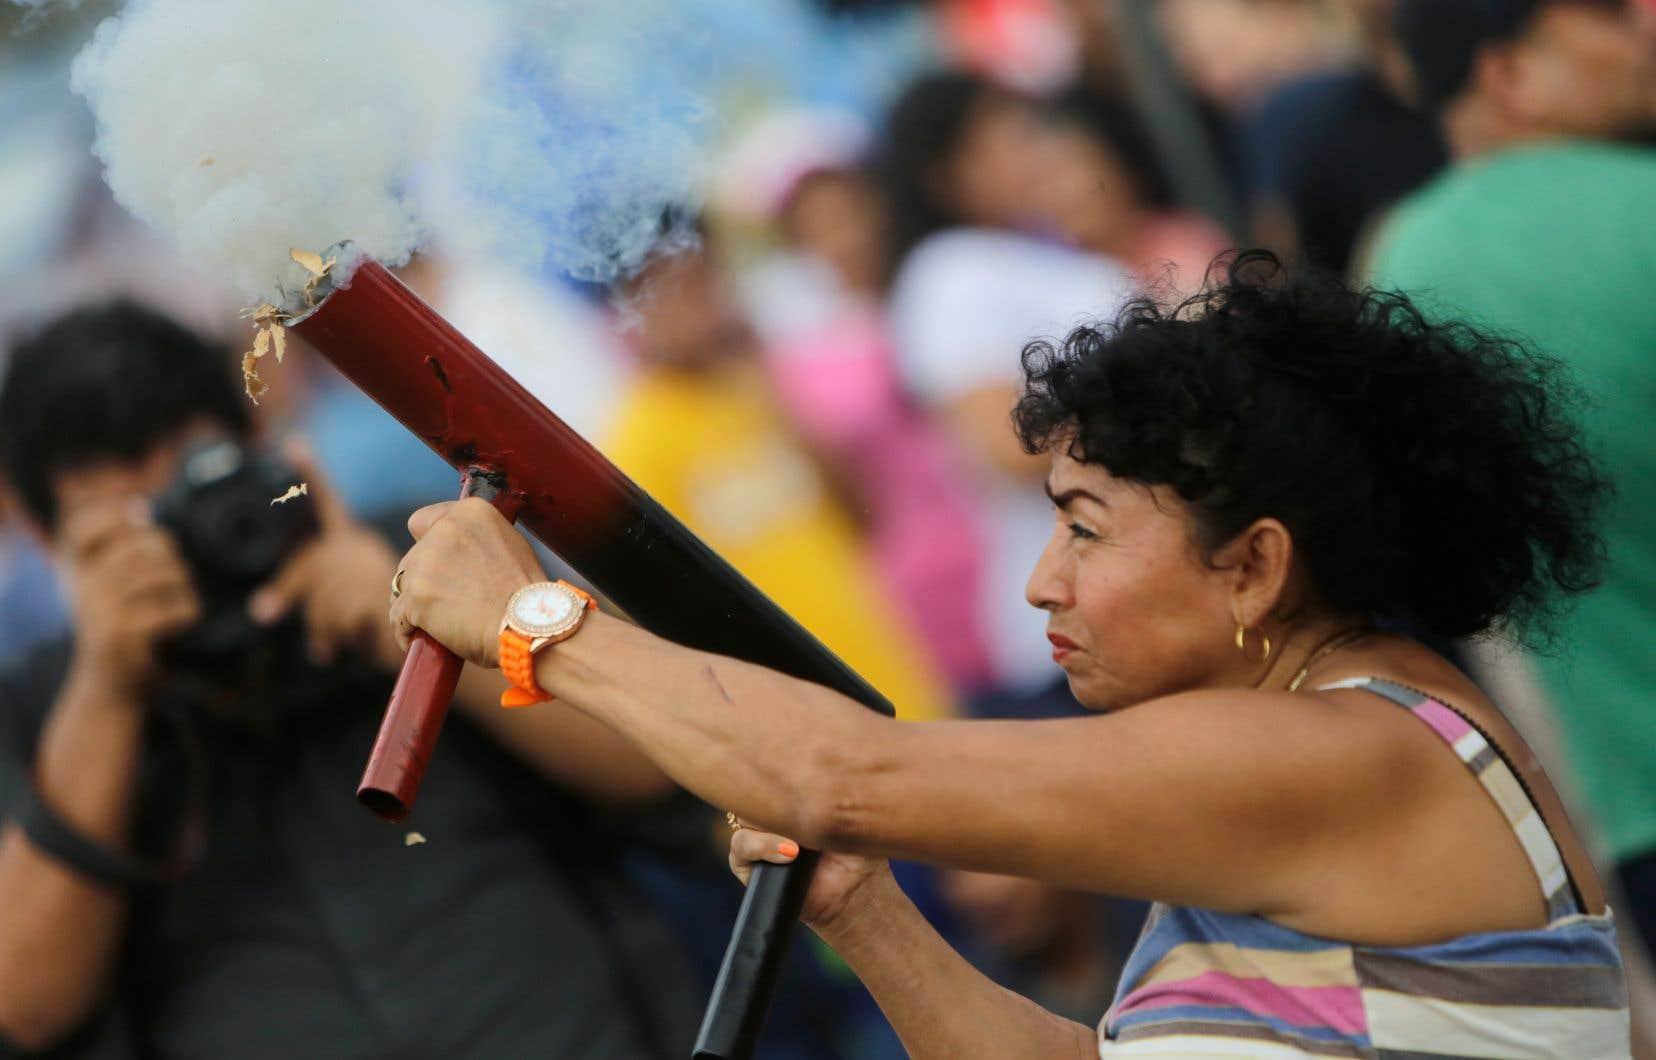 Daniel Ortegaest confronté à une vague de contestation sans précédent, déclenchée par une réforme des retraites abandonnée depuis,mais qui a vite tourné à un mouvement général de rejet du chef de l'État.